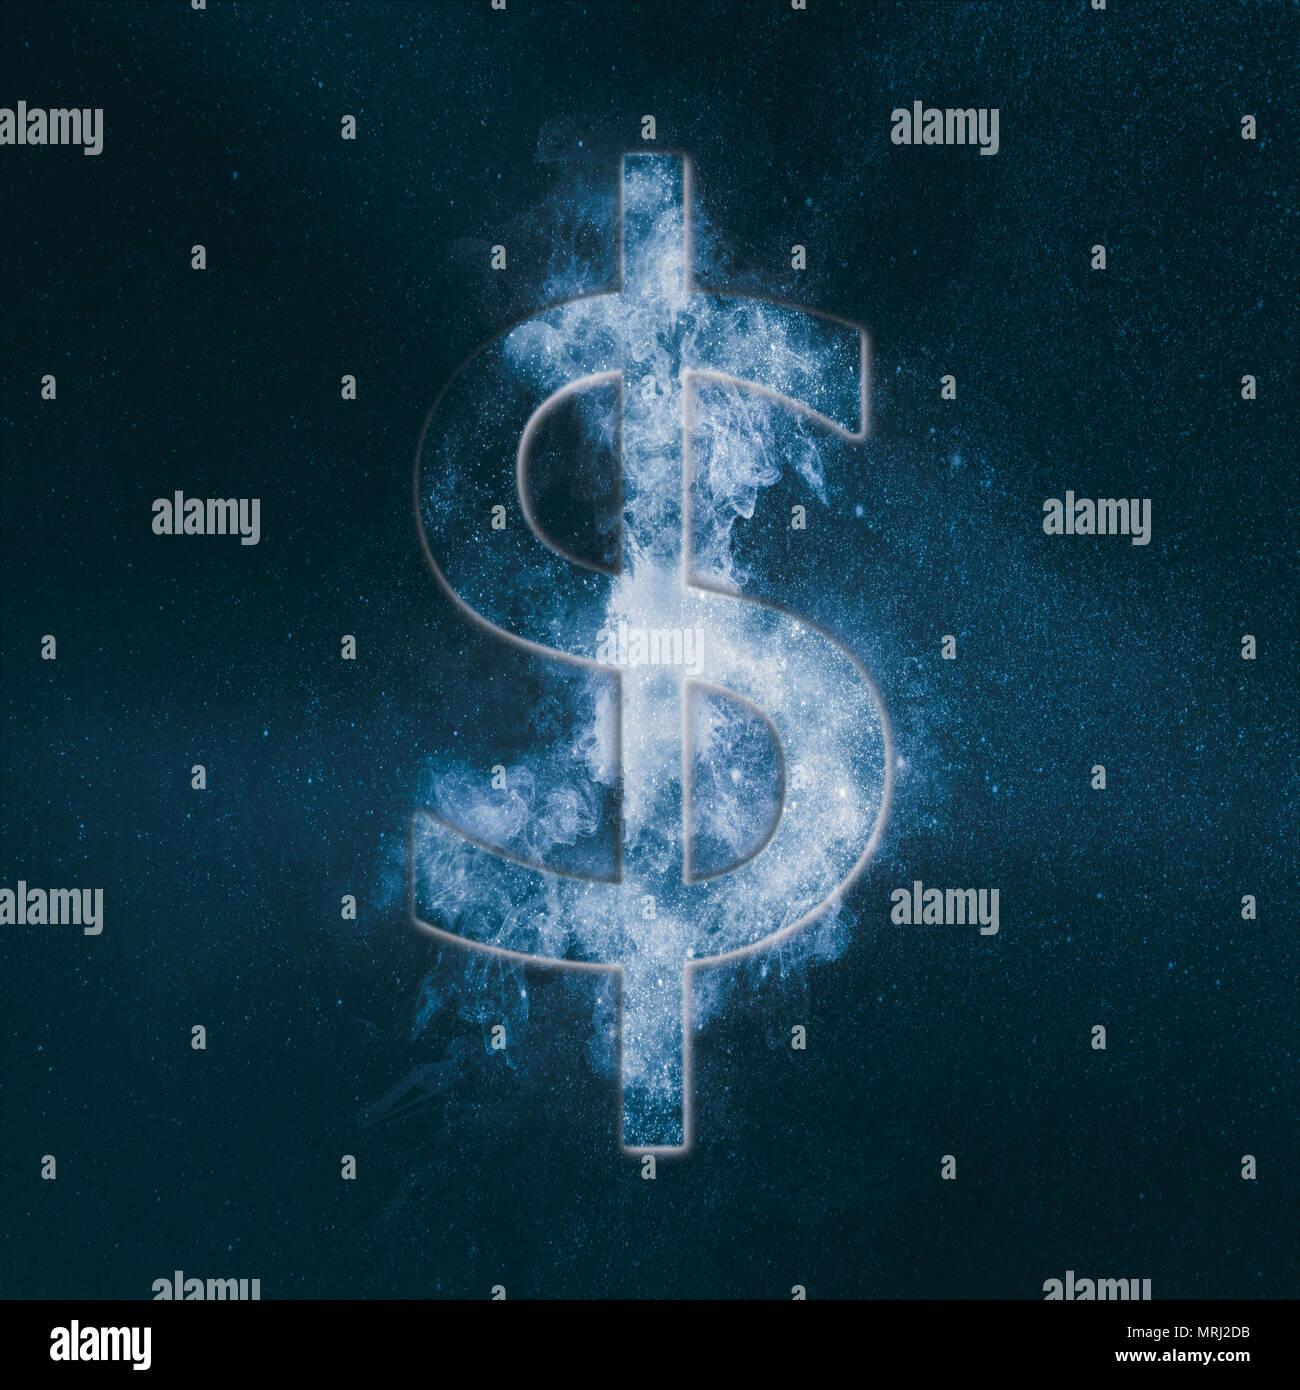 Dollarzeichen, Dollar, Symbol. Monetäre Währungssymbol. Abstrakte nacht himmel Hintergrund. Stockbild